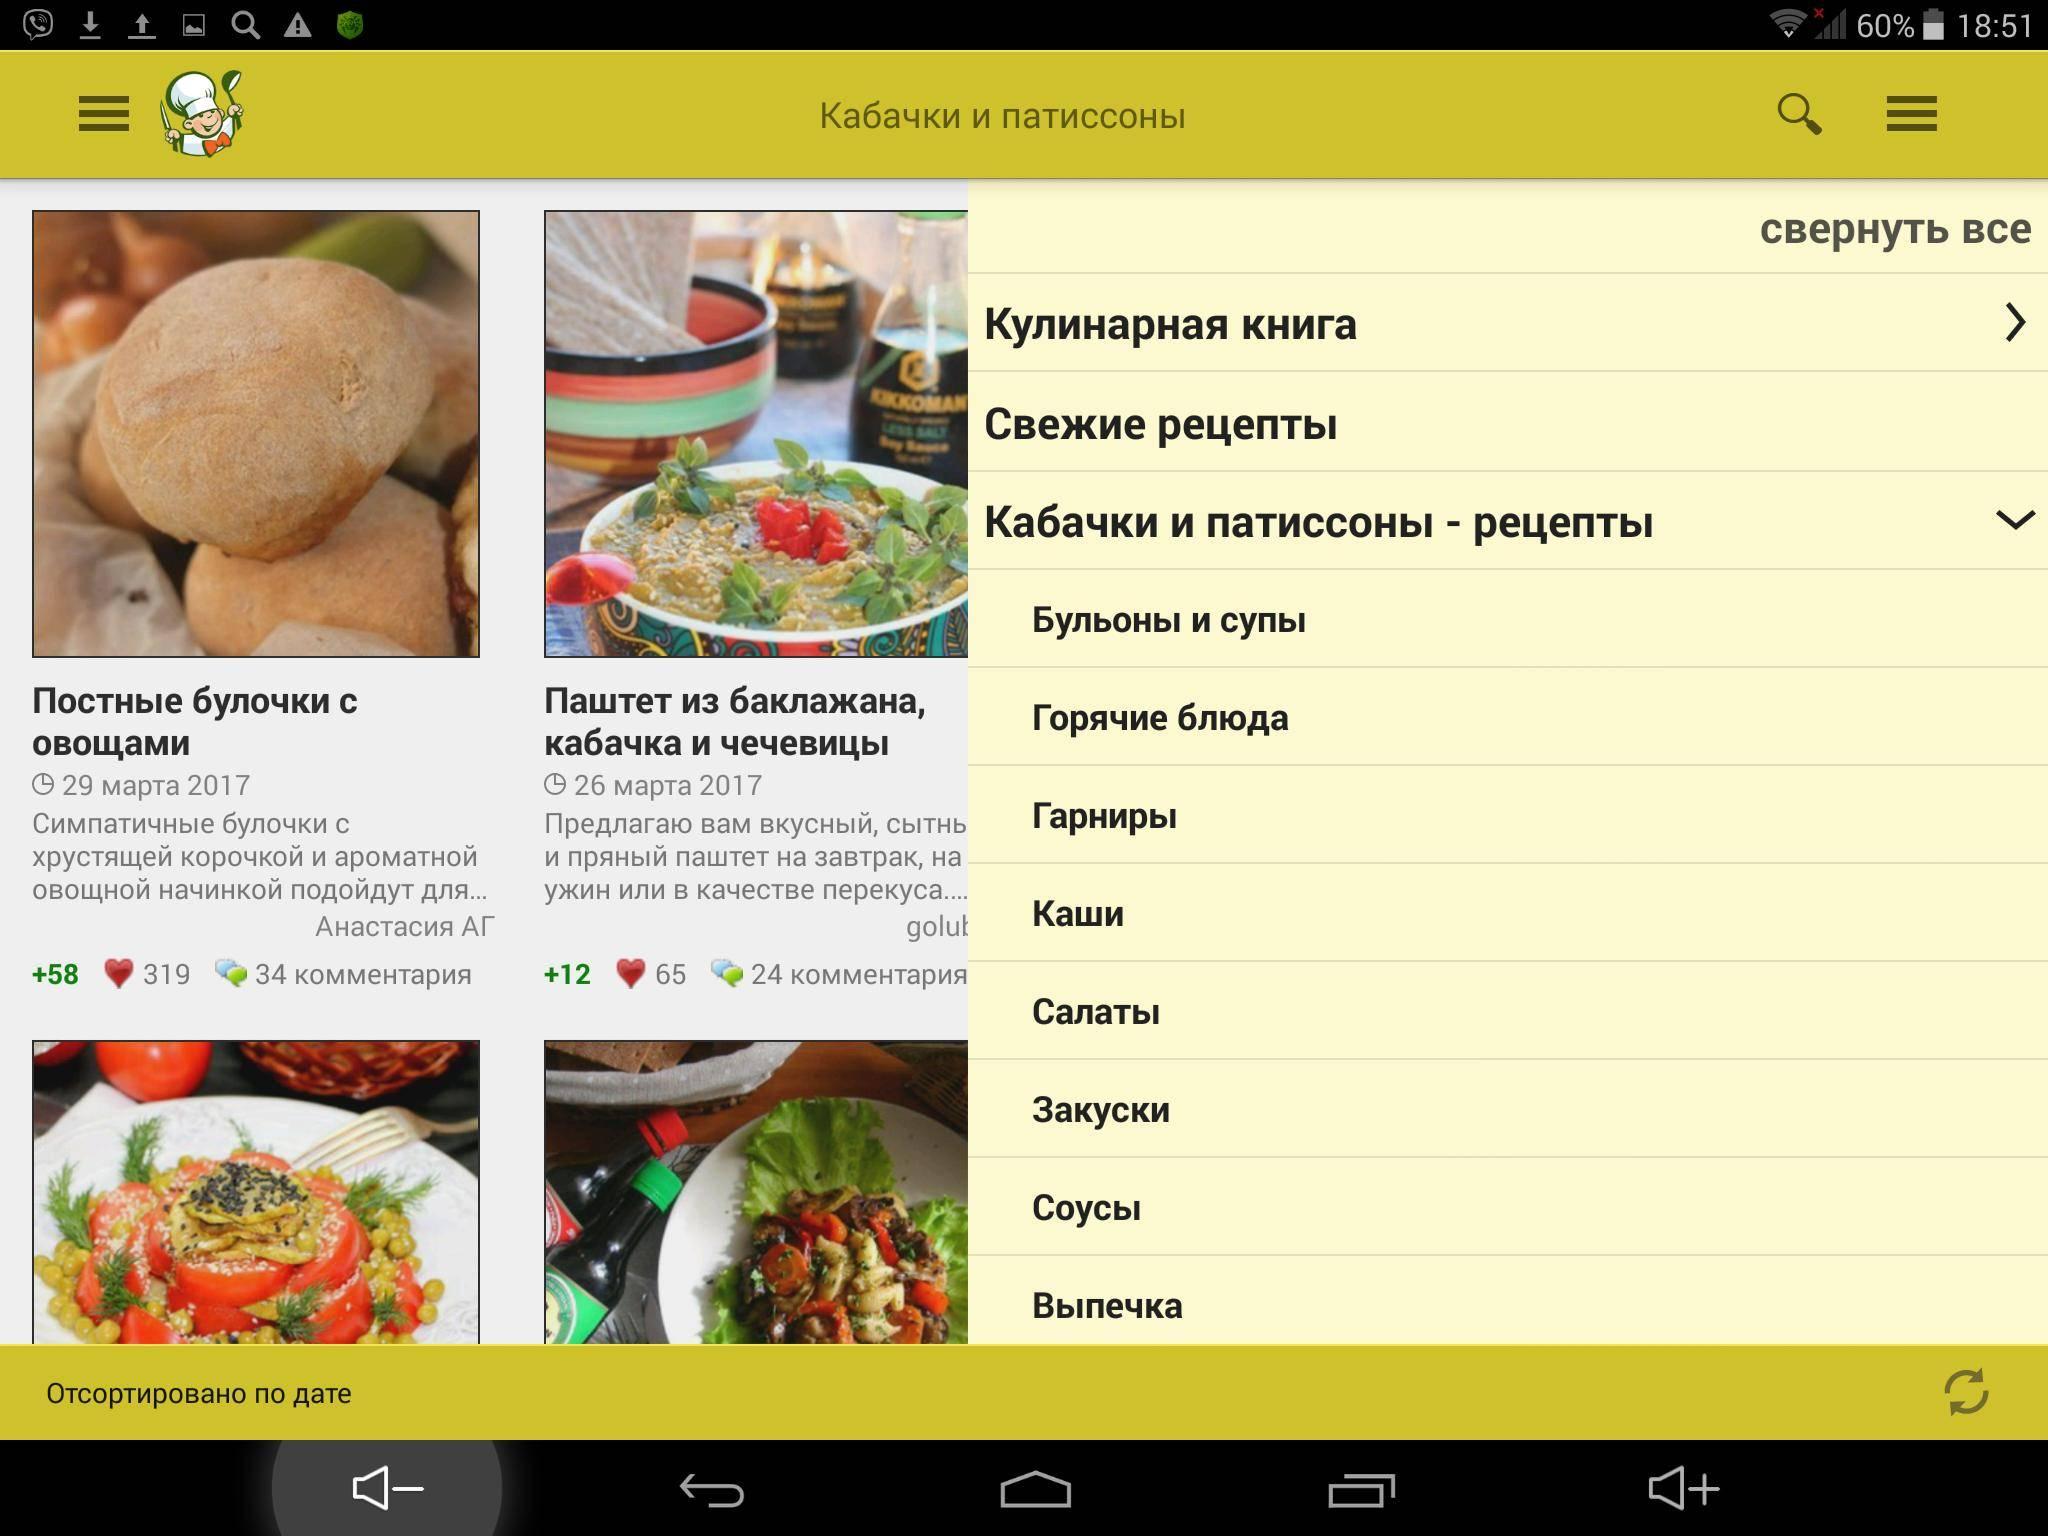 Креветки баттерфляй в кунжуте - рецепт с фотографиями - patee. рецепты